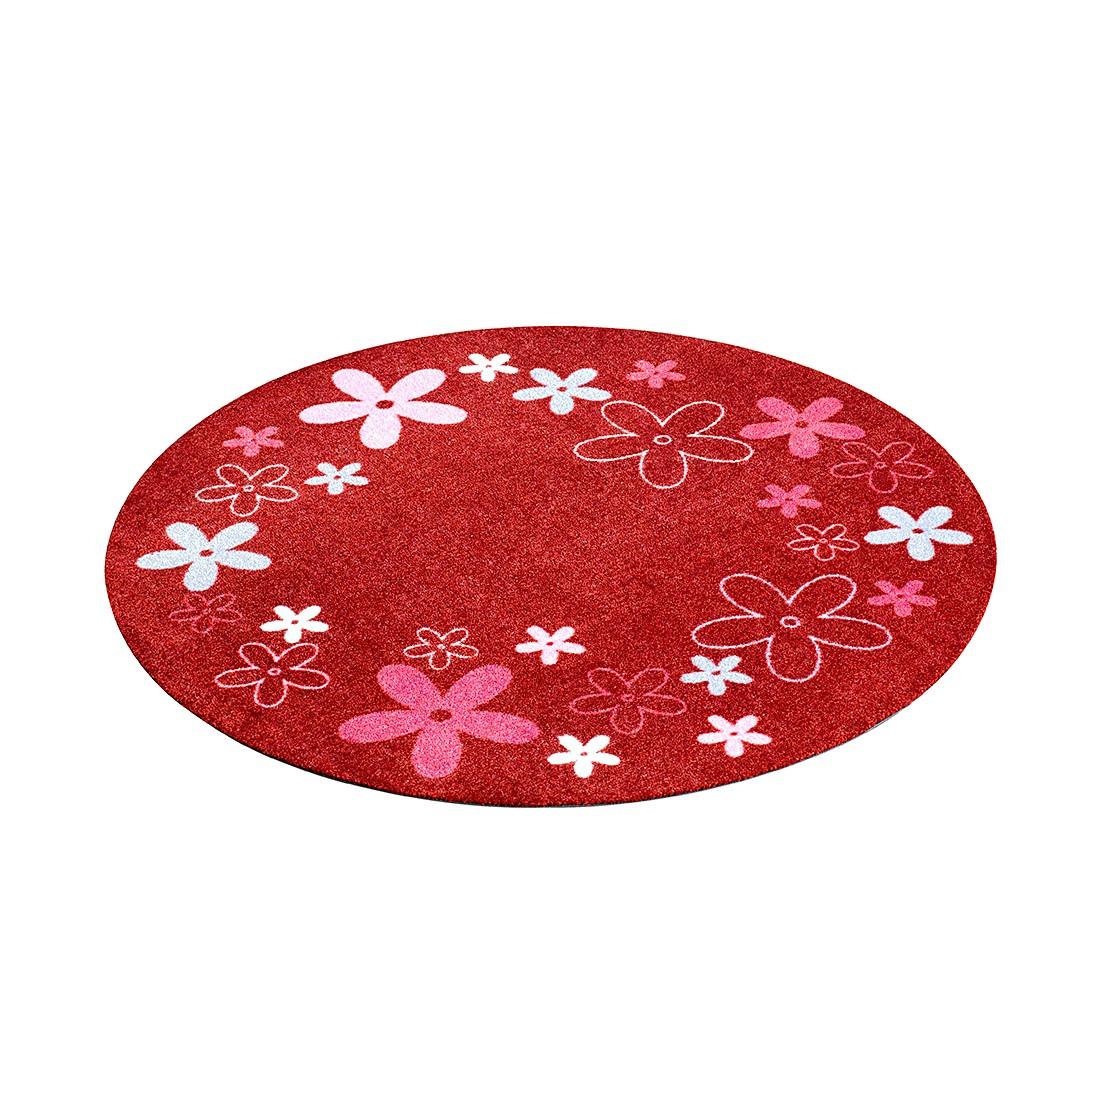 kinderteppich flower field rund rot zala living g nstig online kaufen. Black Bedroom Furniture Sets. Home Design Ideas